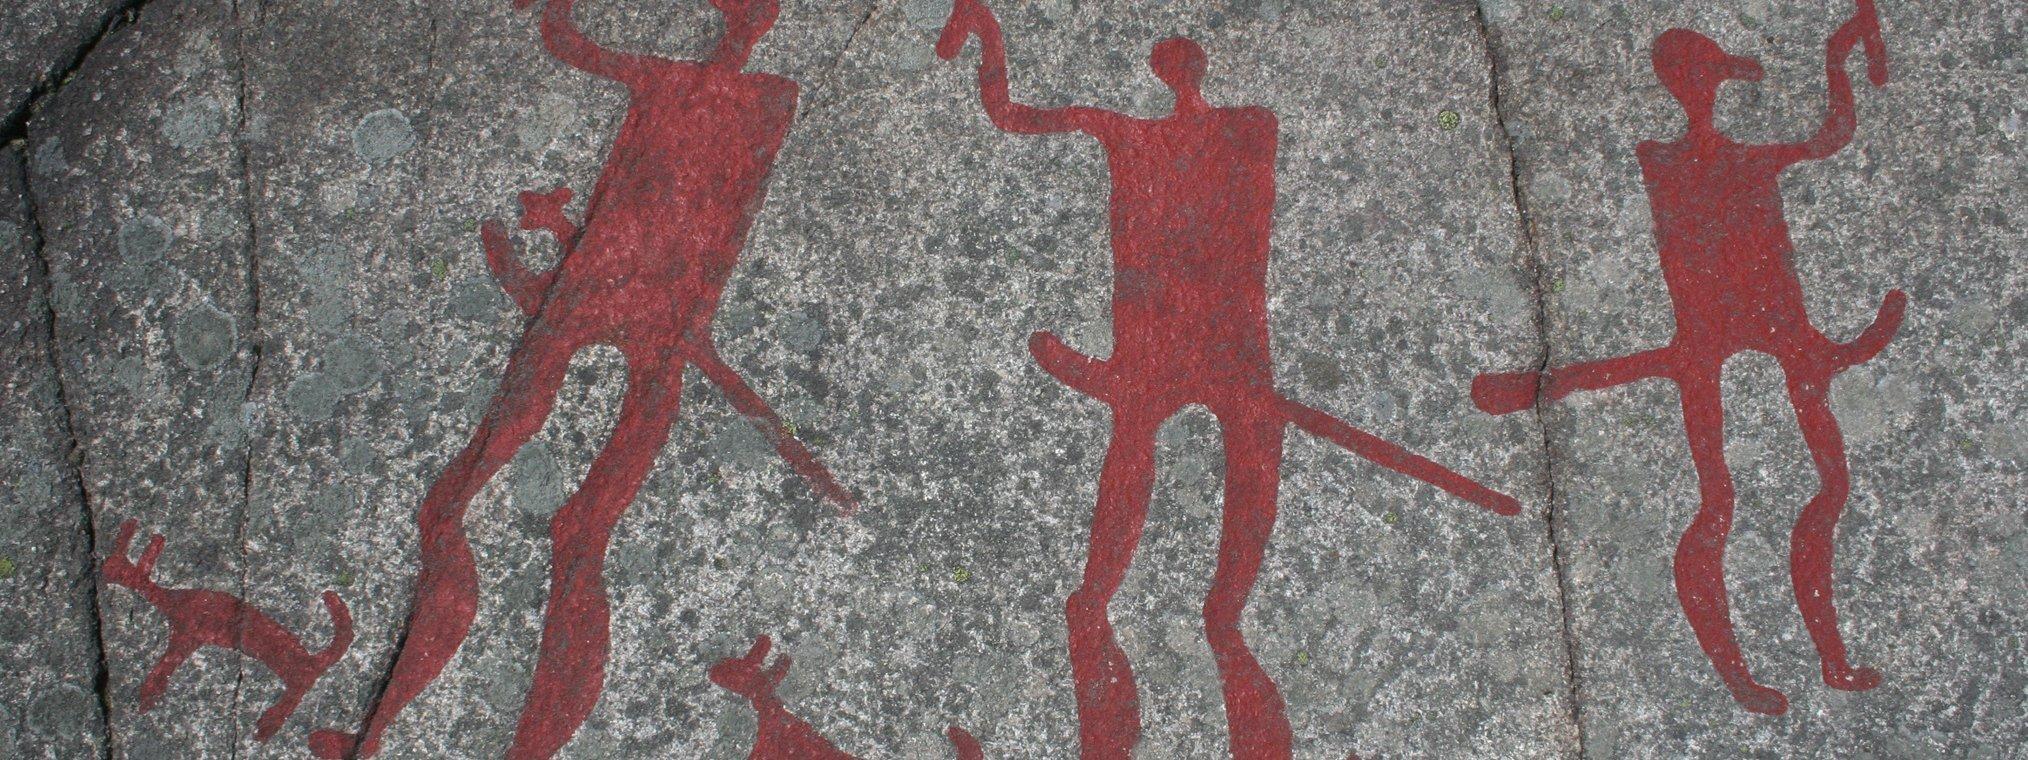 Das Foto zeigt eine Jahrtausende alte Felszeichnung aus der Gemeinde Tanum in Schweden. Prähistorische Menschen haben dort Bilder in den grauen Felsen geritzt und mit leuchtend roten Farben hervorgehoben. Zu sehen sind drei kriegerisch wirkende Figuren sowie drei Hunde.